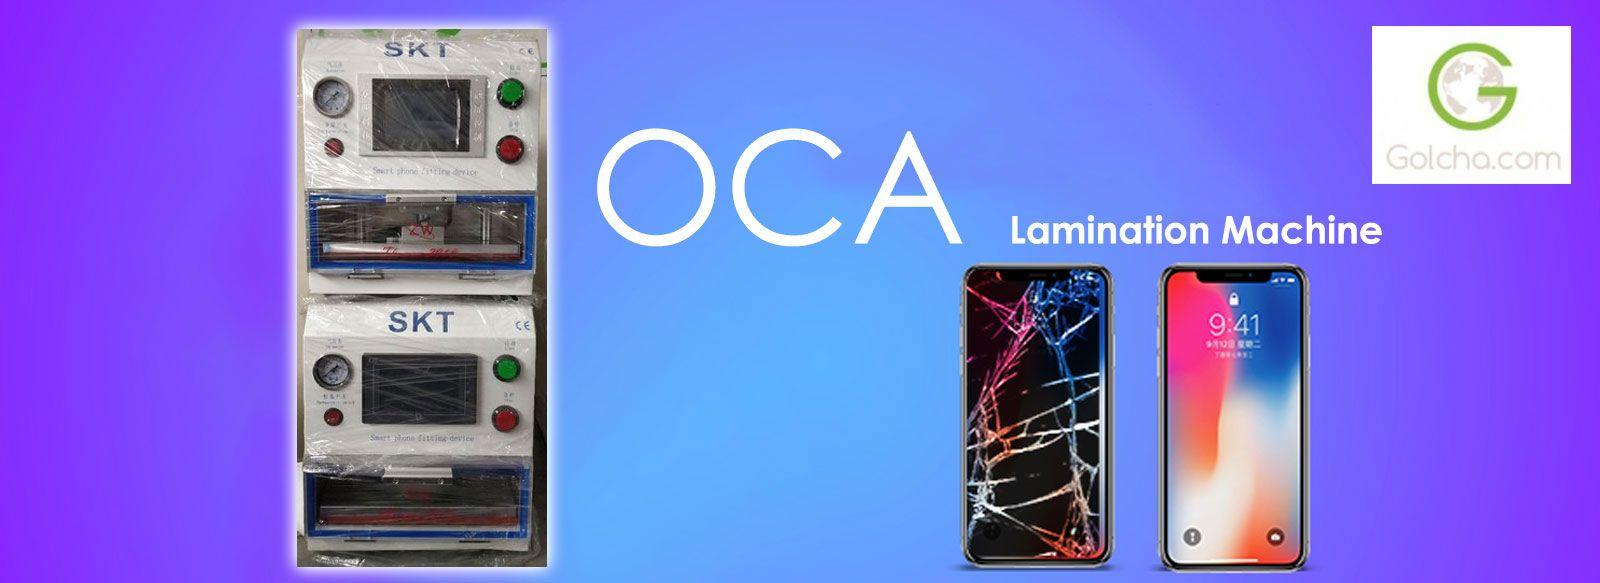 Oca Laminating Machines Wholesaler In Delhi India Machine Laminators Manufacturing